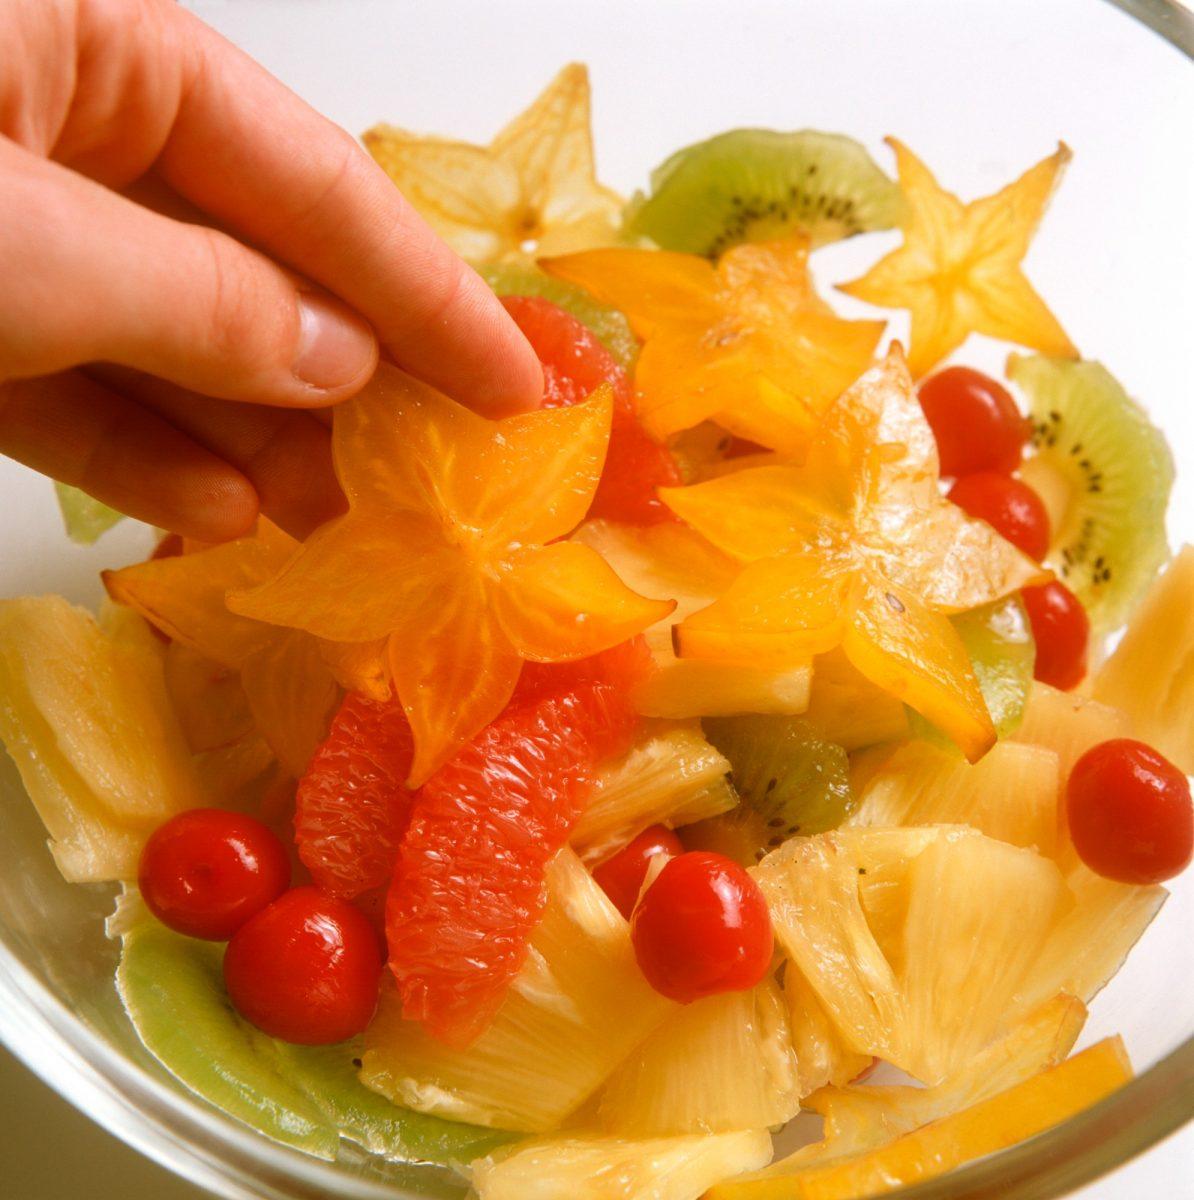 Recepty: Sladko-slaný melounový salát